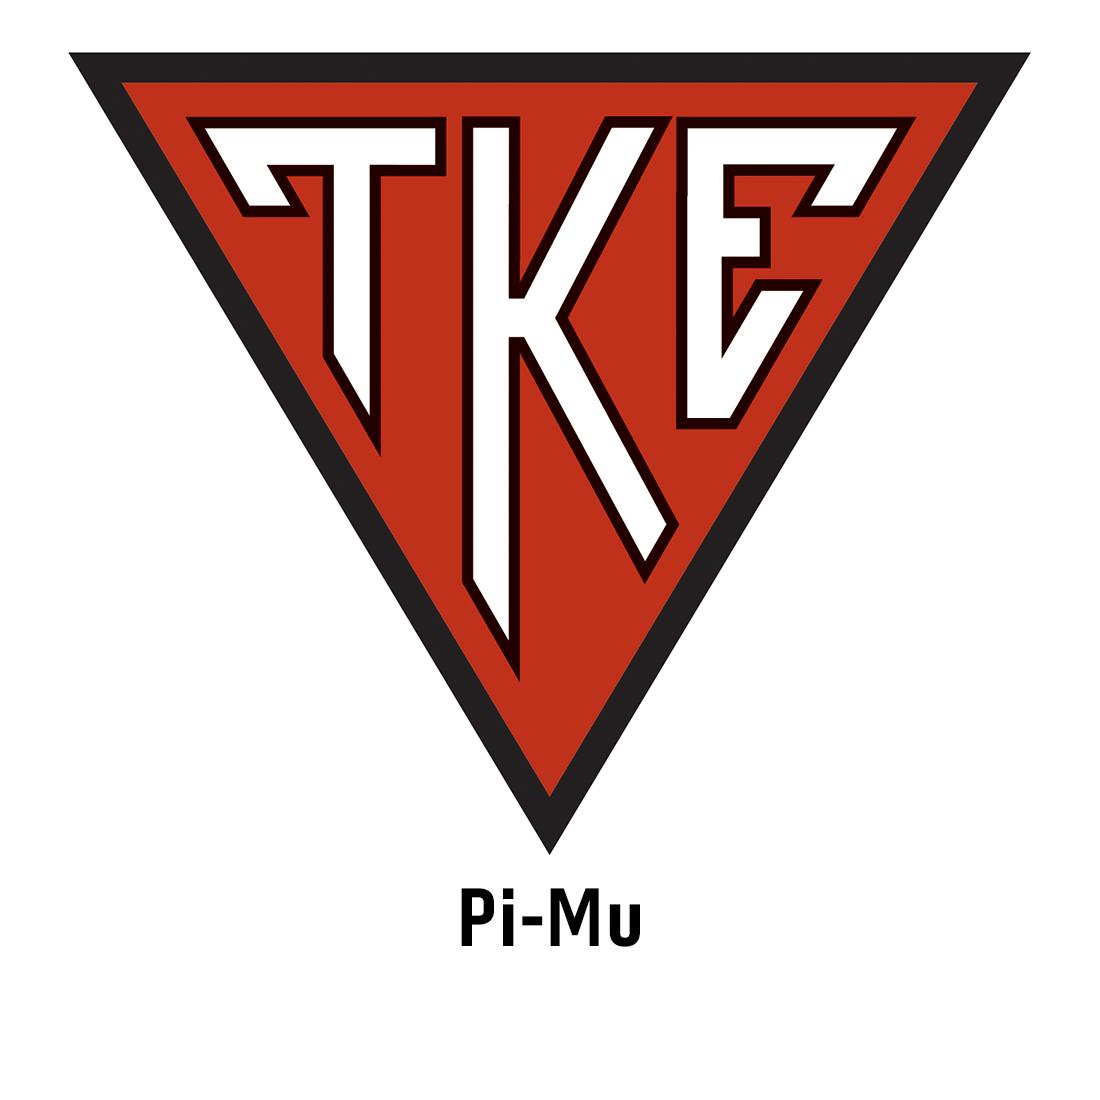 Pi-Mu Chapter